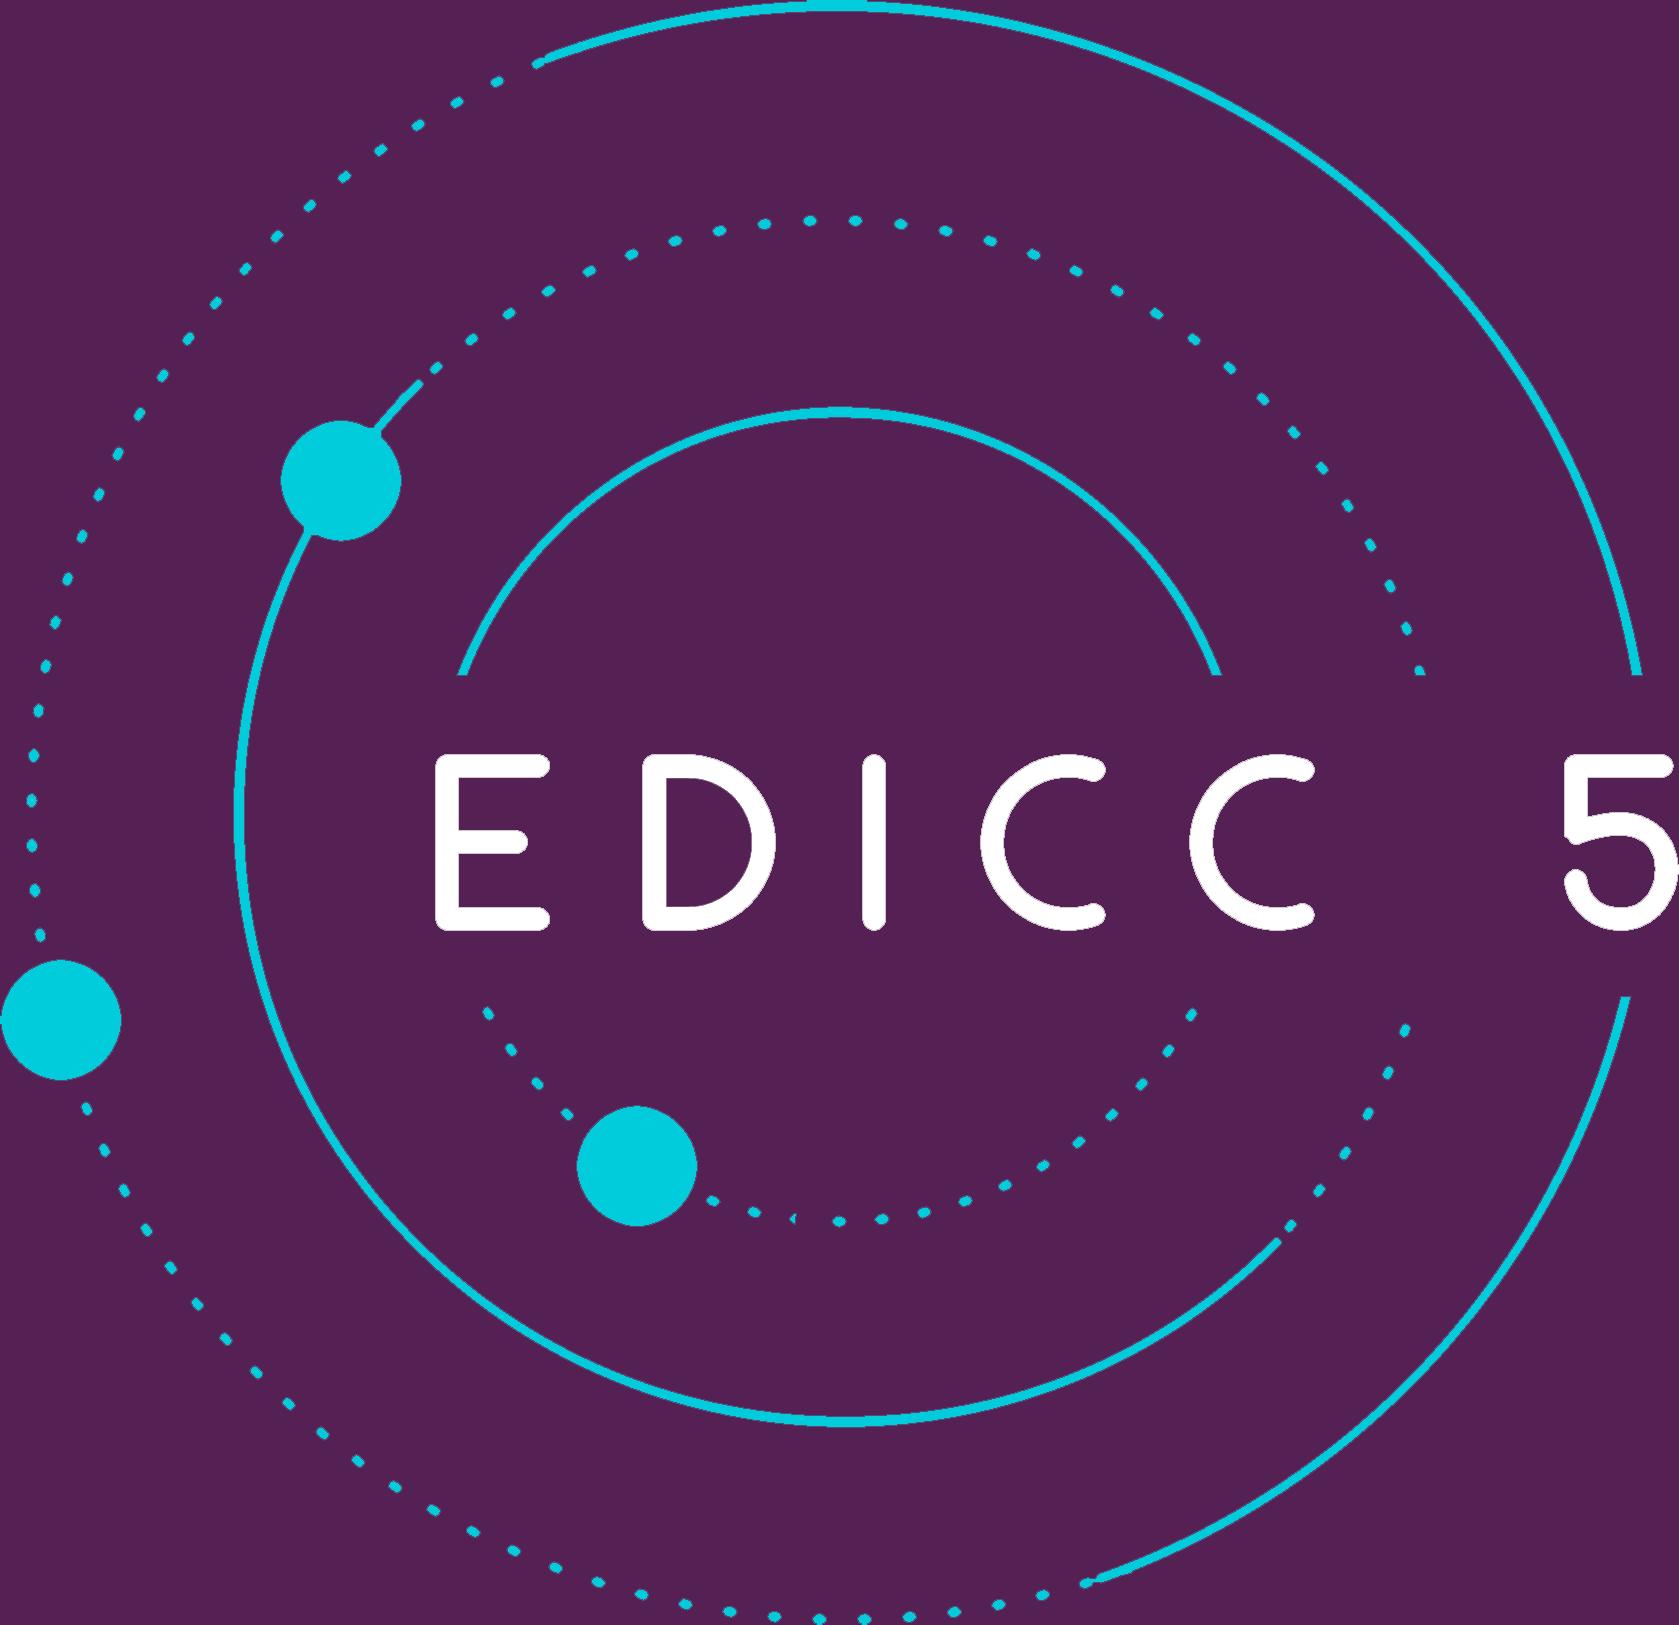 5° Encontro de Divulgação de Ciência e Cultura (EDICC)